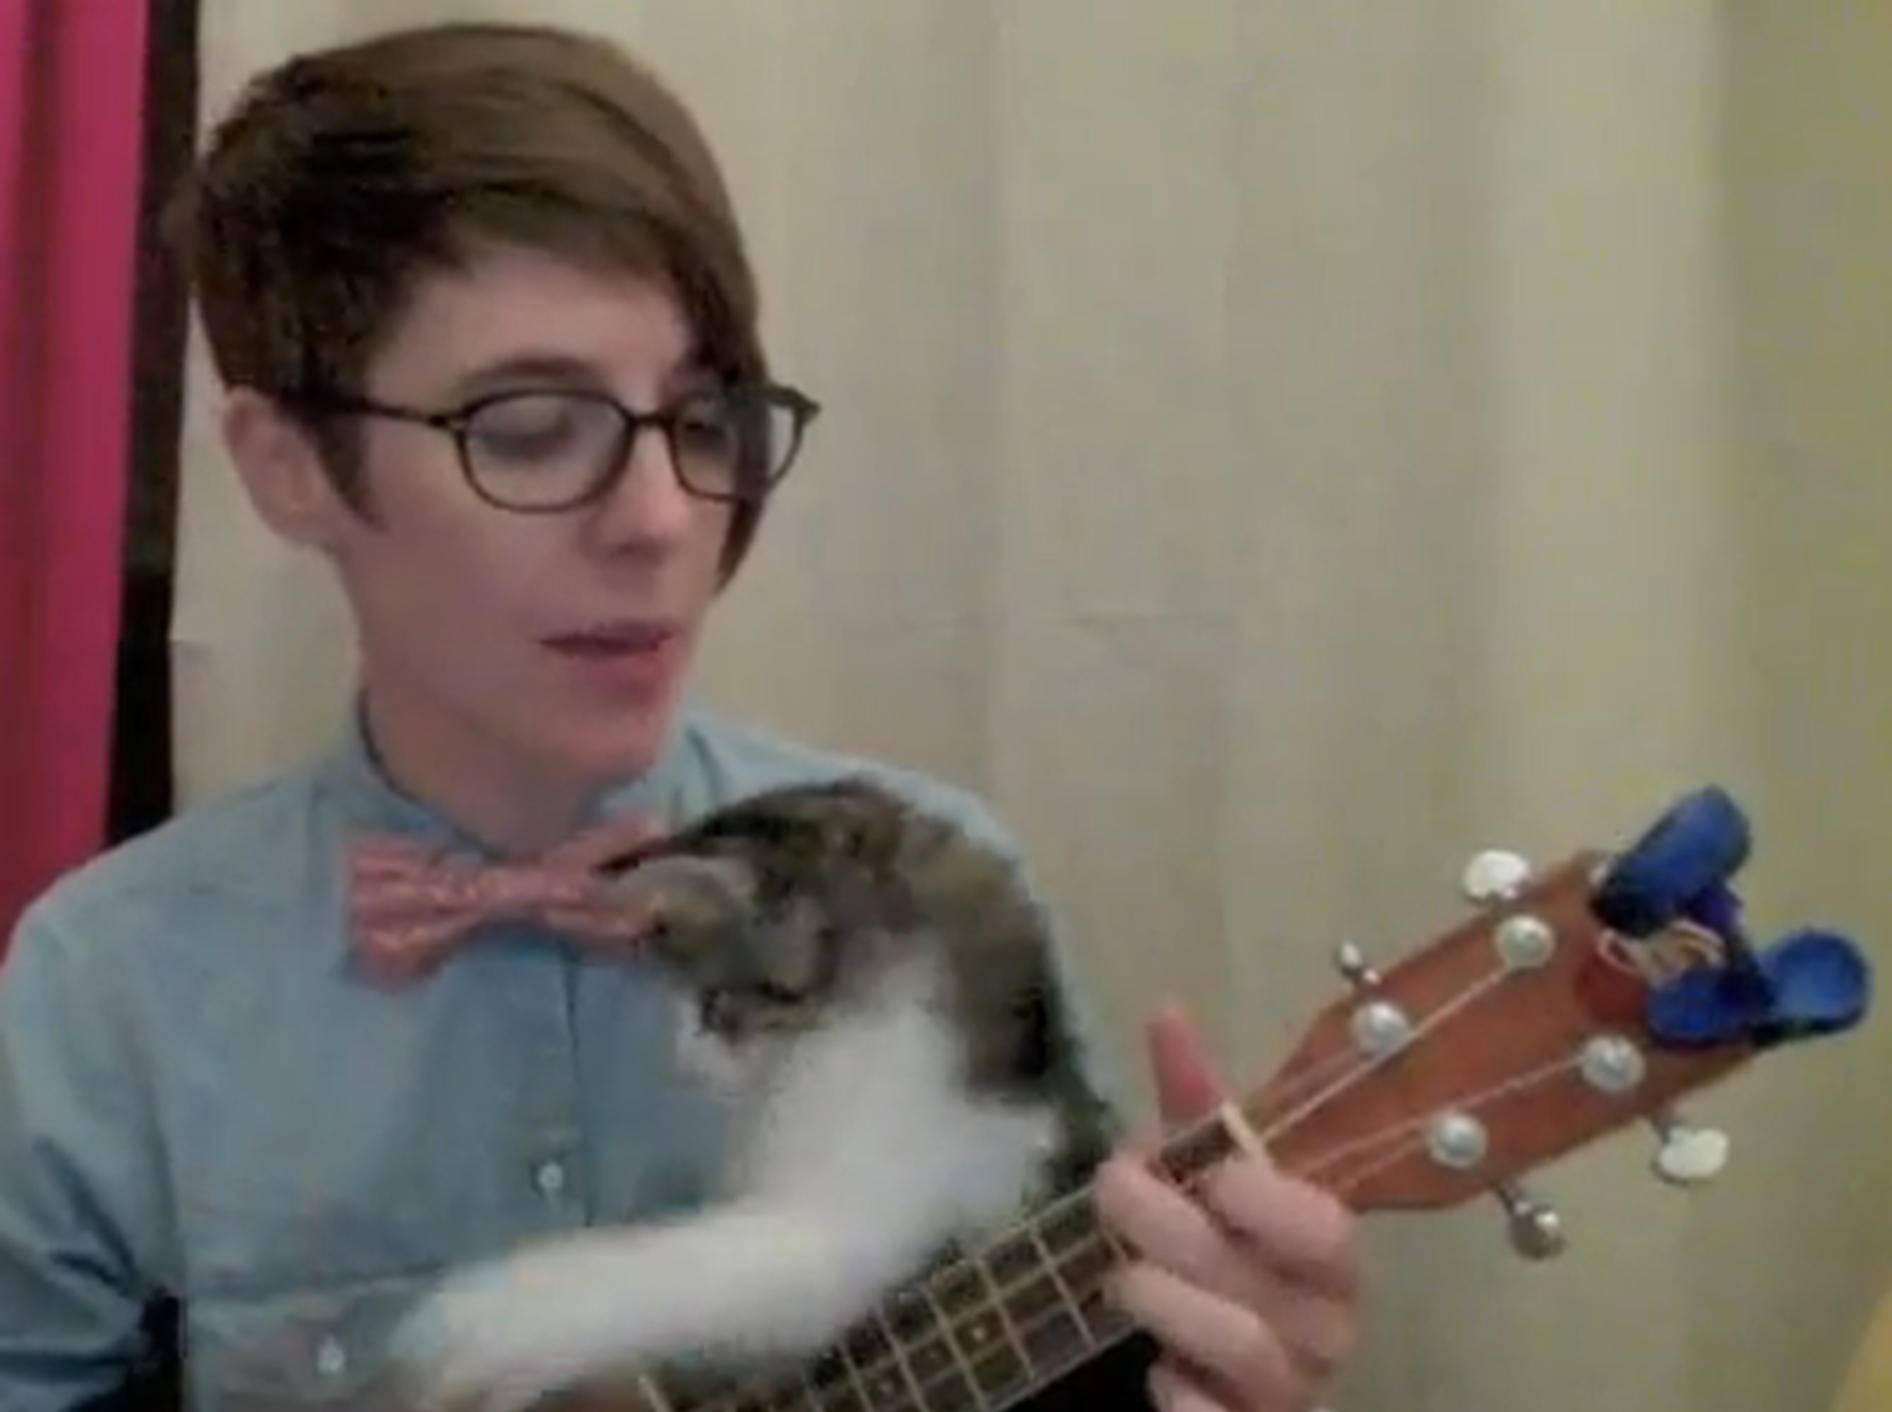 Süßes Kätzchen versucht sich mit Frauchen an der Ukulele